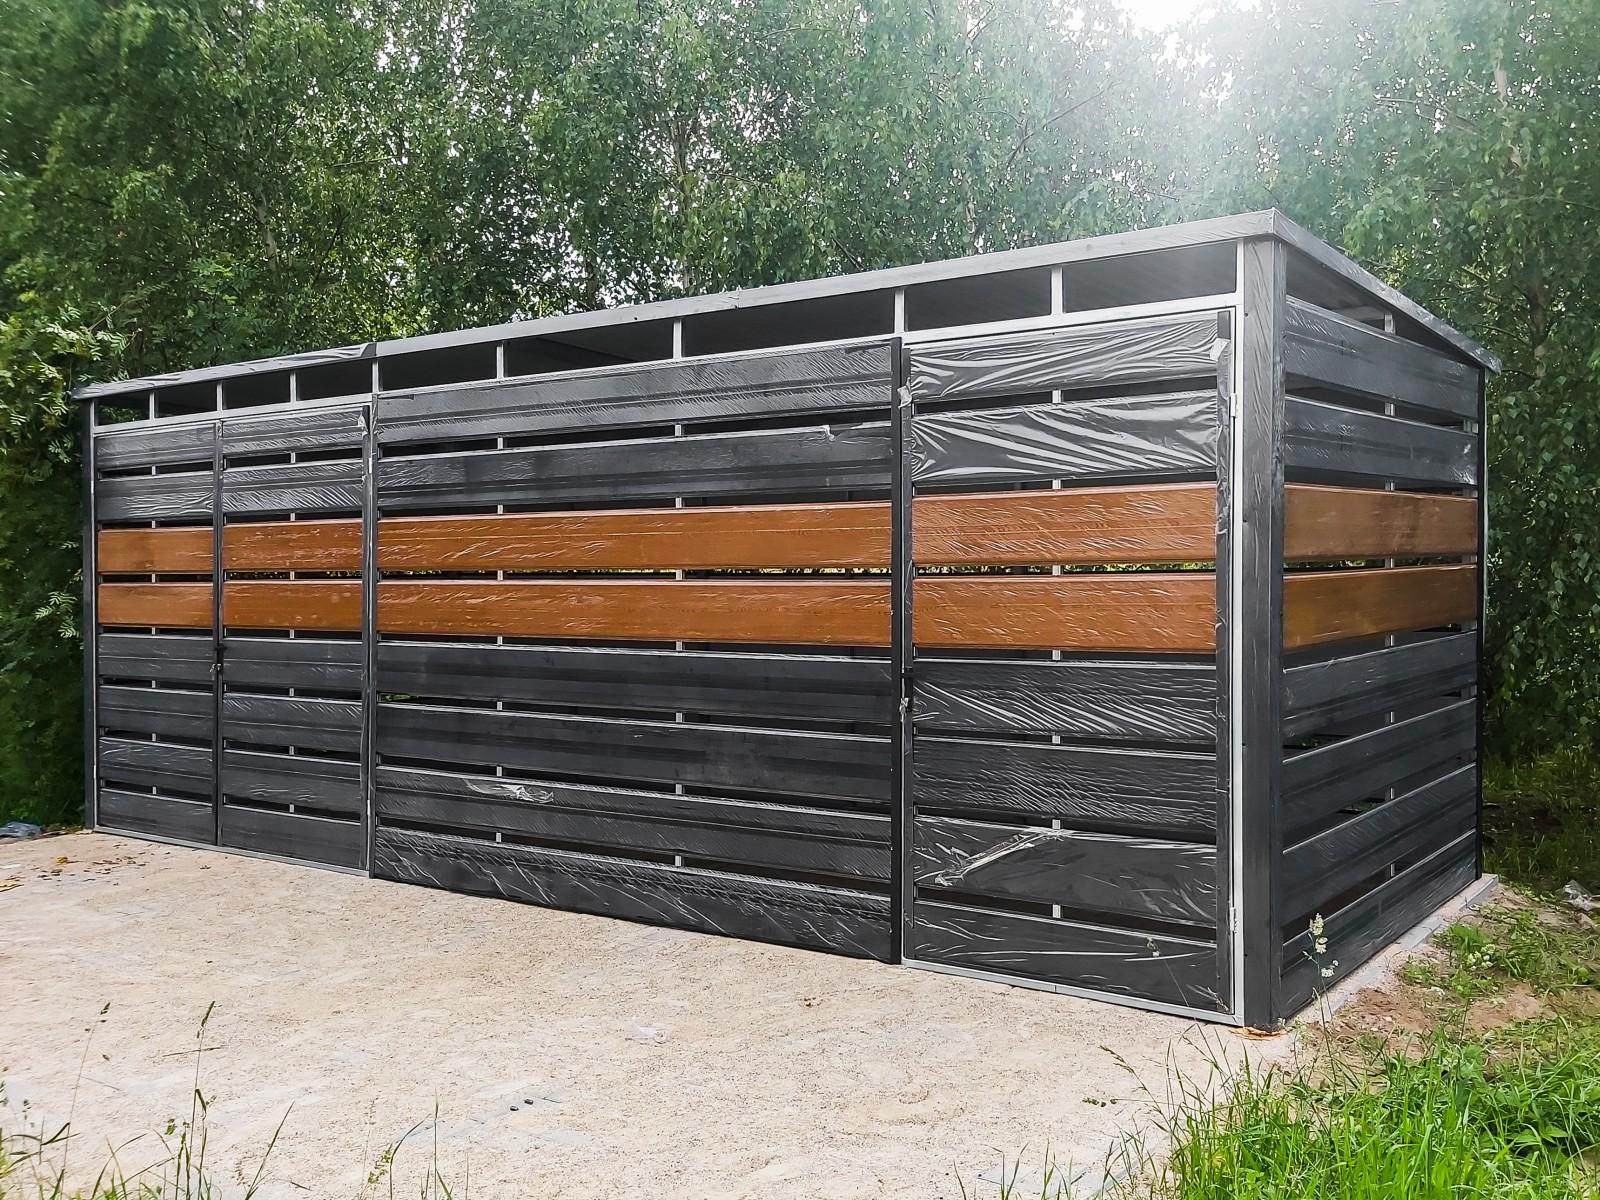 Wiata śmietnikowa trashbox 6x2,5m Matowa Czerń + Złoty Dąb